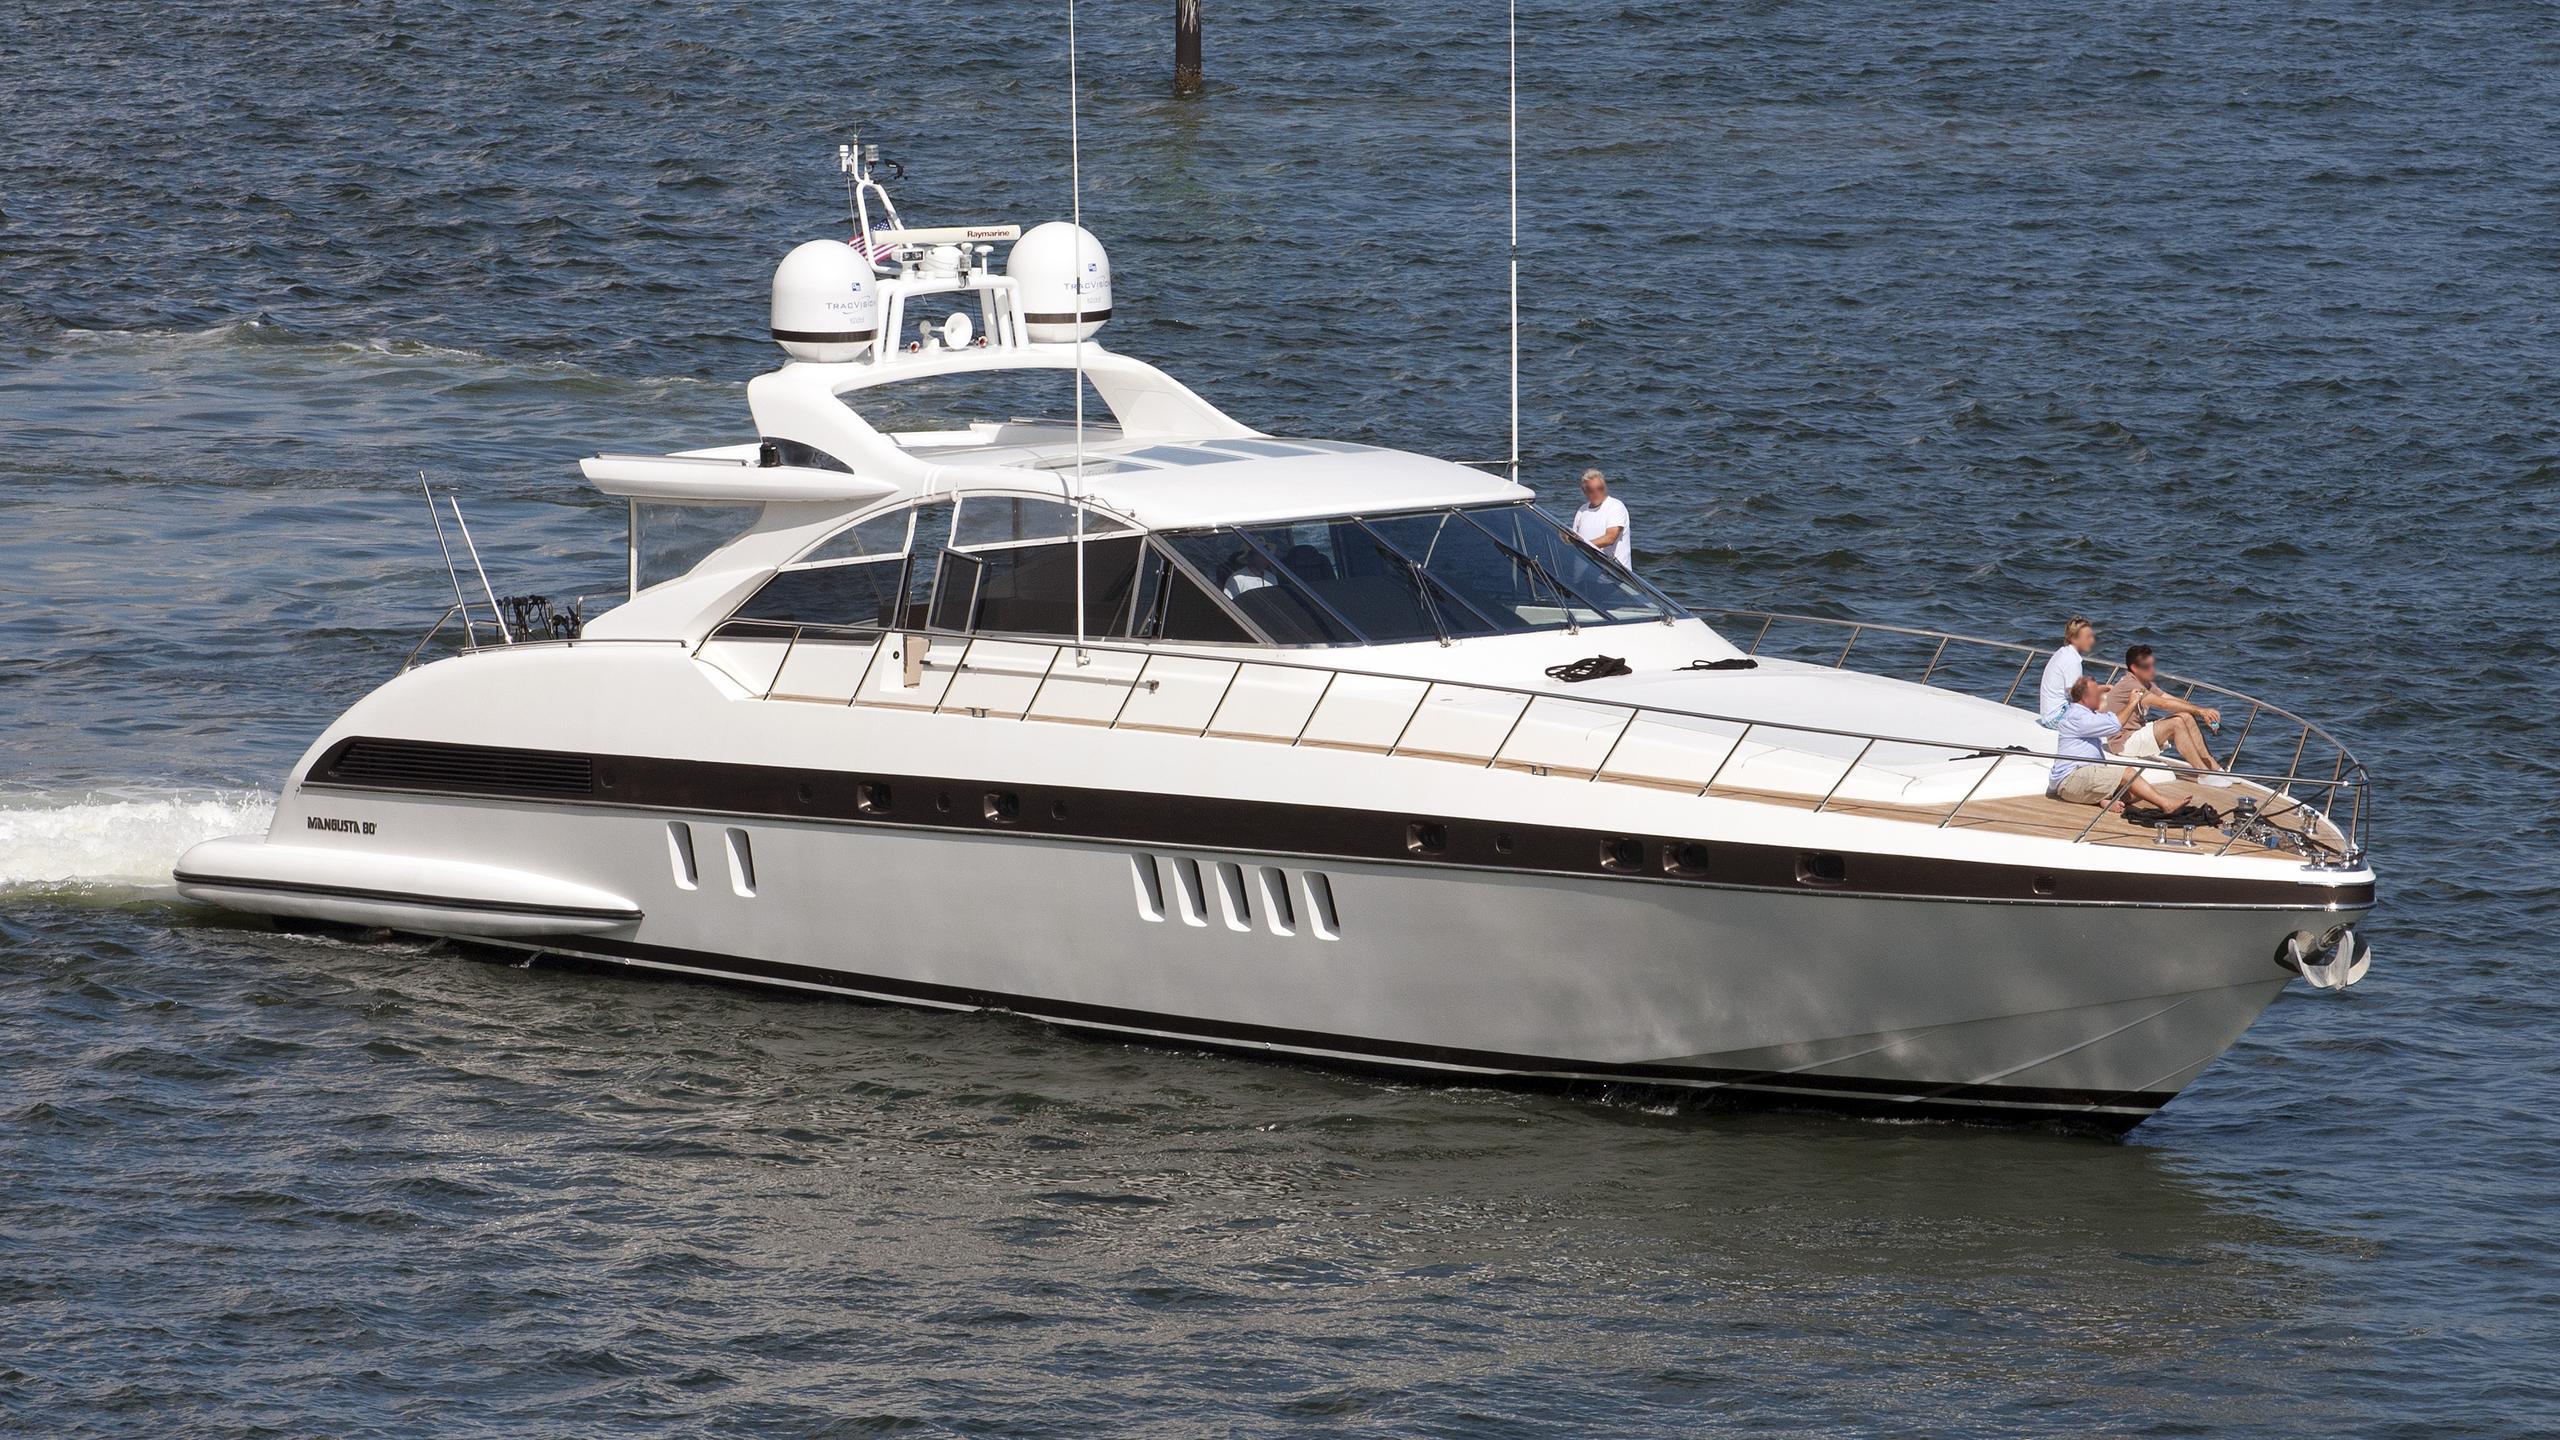 nt-motor-yacht-overmarine-mangusta-80-open-ht-2006-25m-cruising